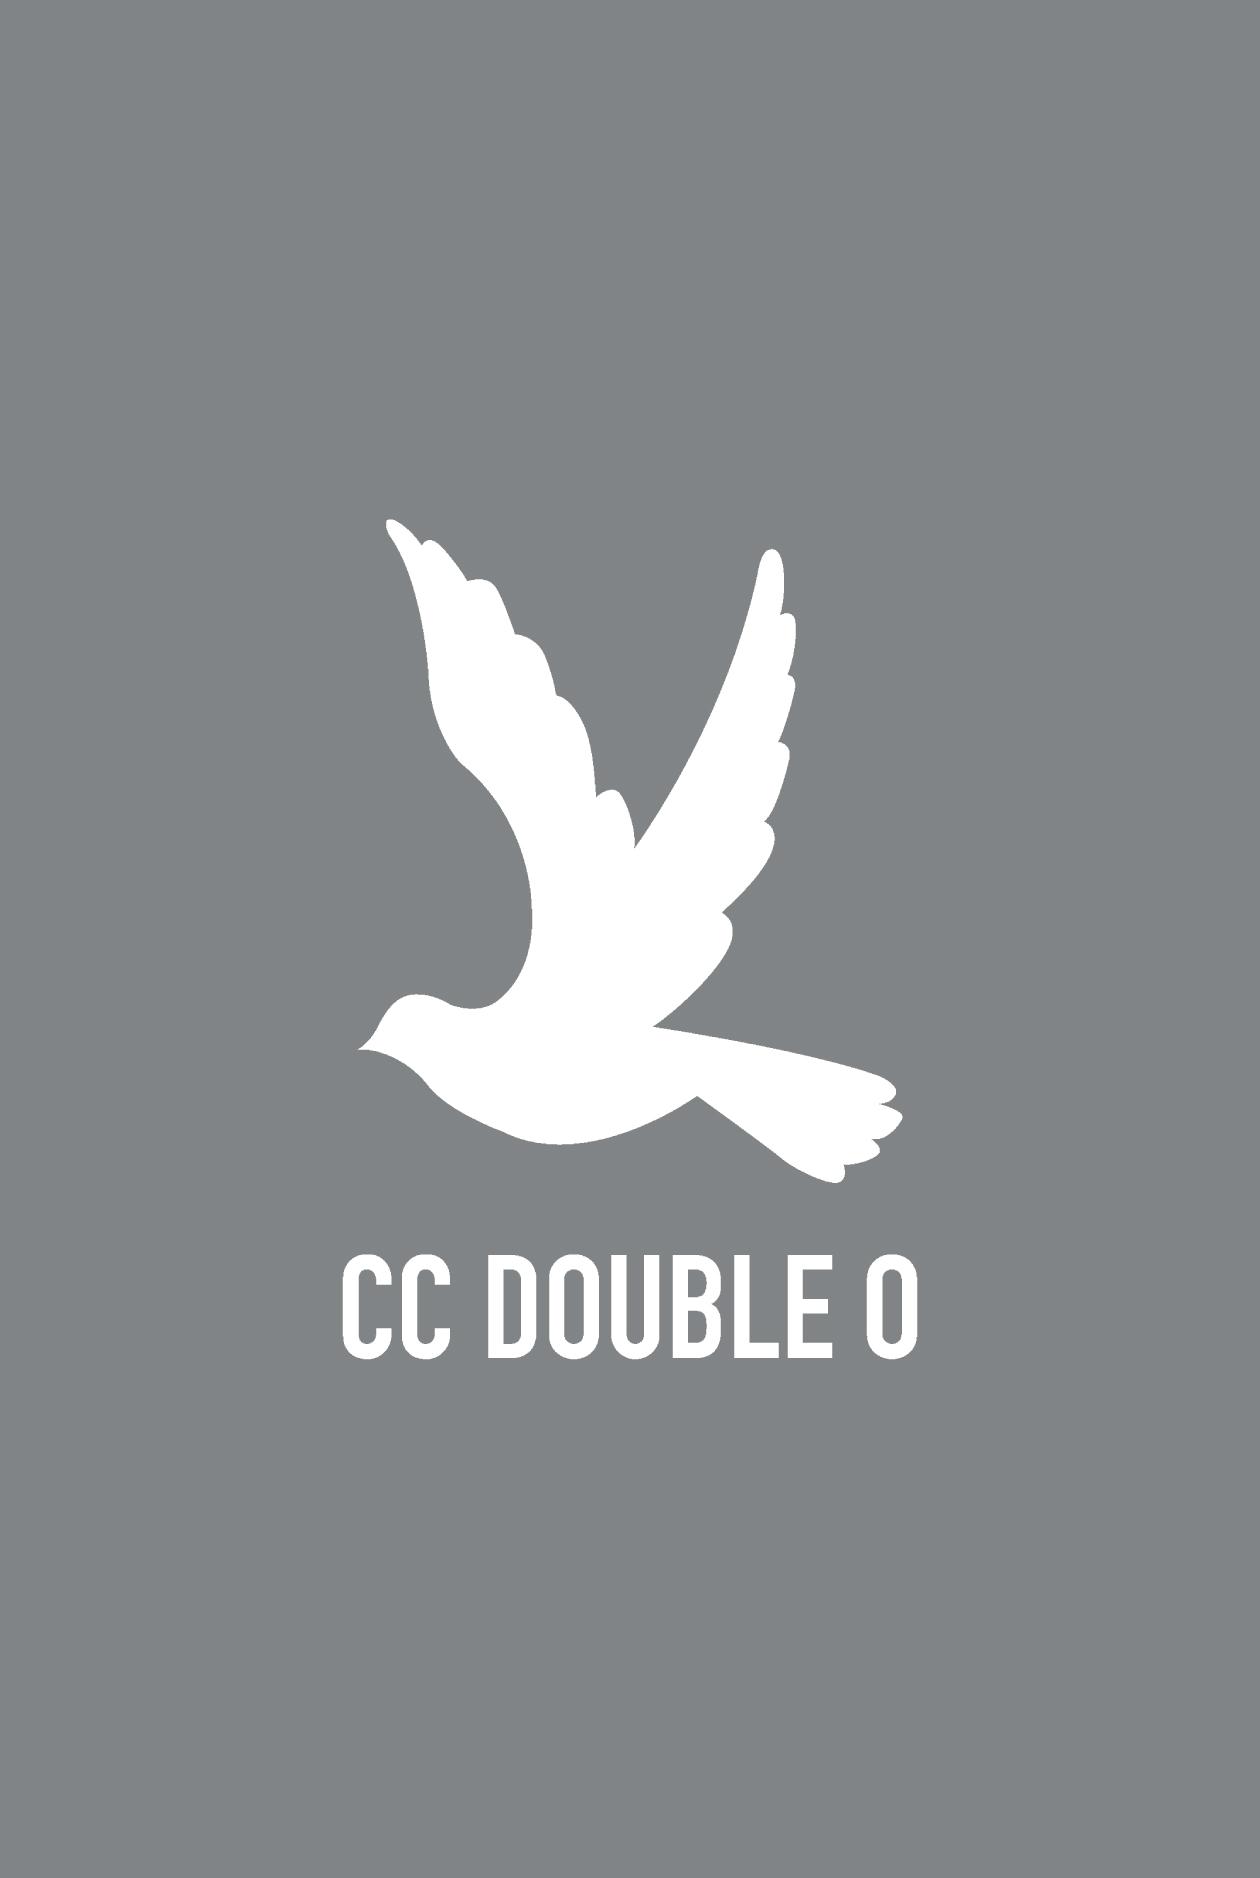 Bird Logo Flag V-Neck Tee with Contrast Color Neckline